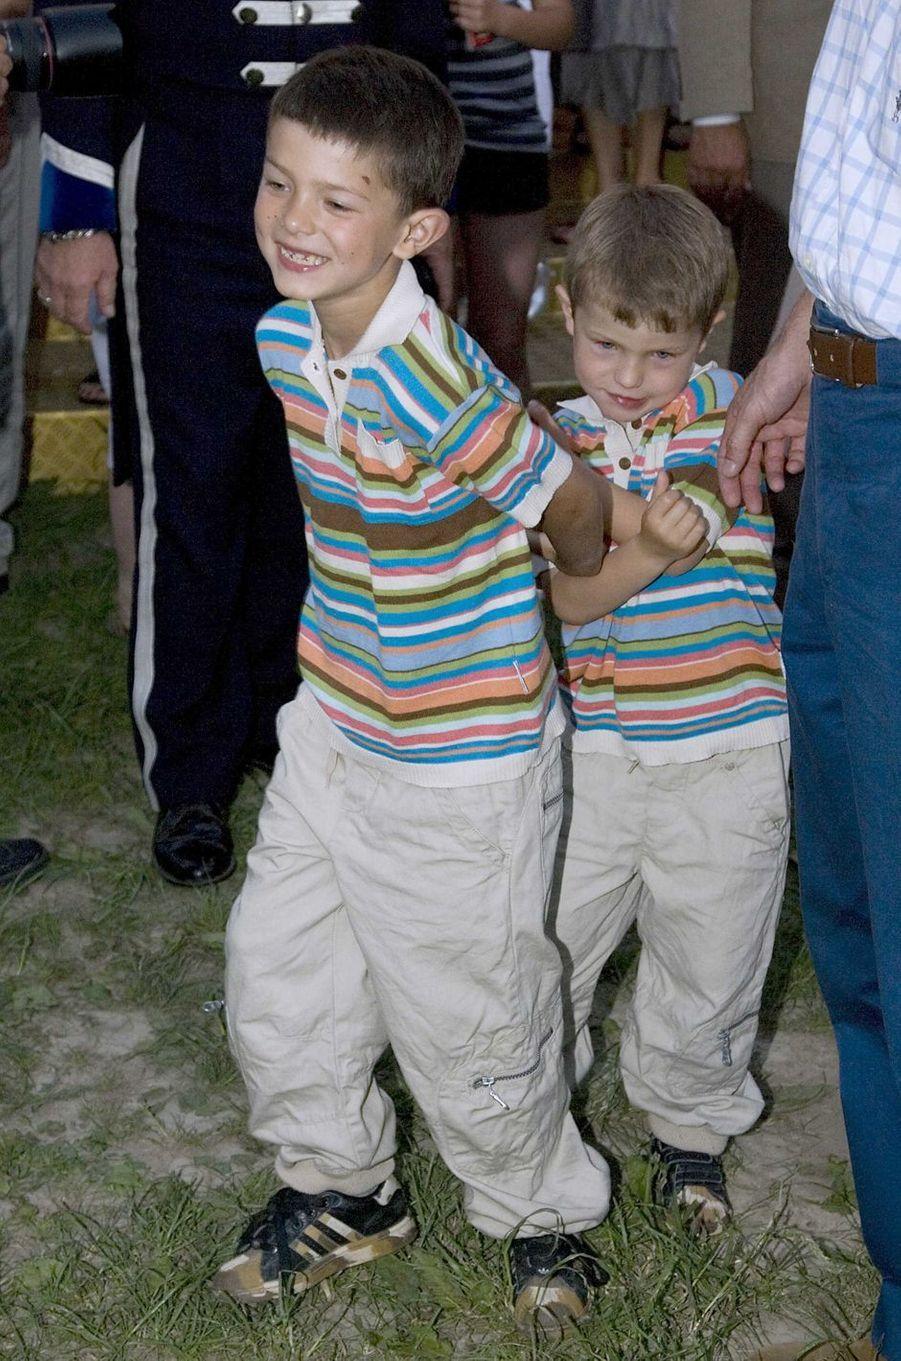 Le prince Nikolai de Danemark avec son frère Felix, le 12 juin 2007